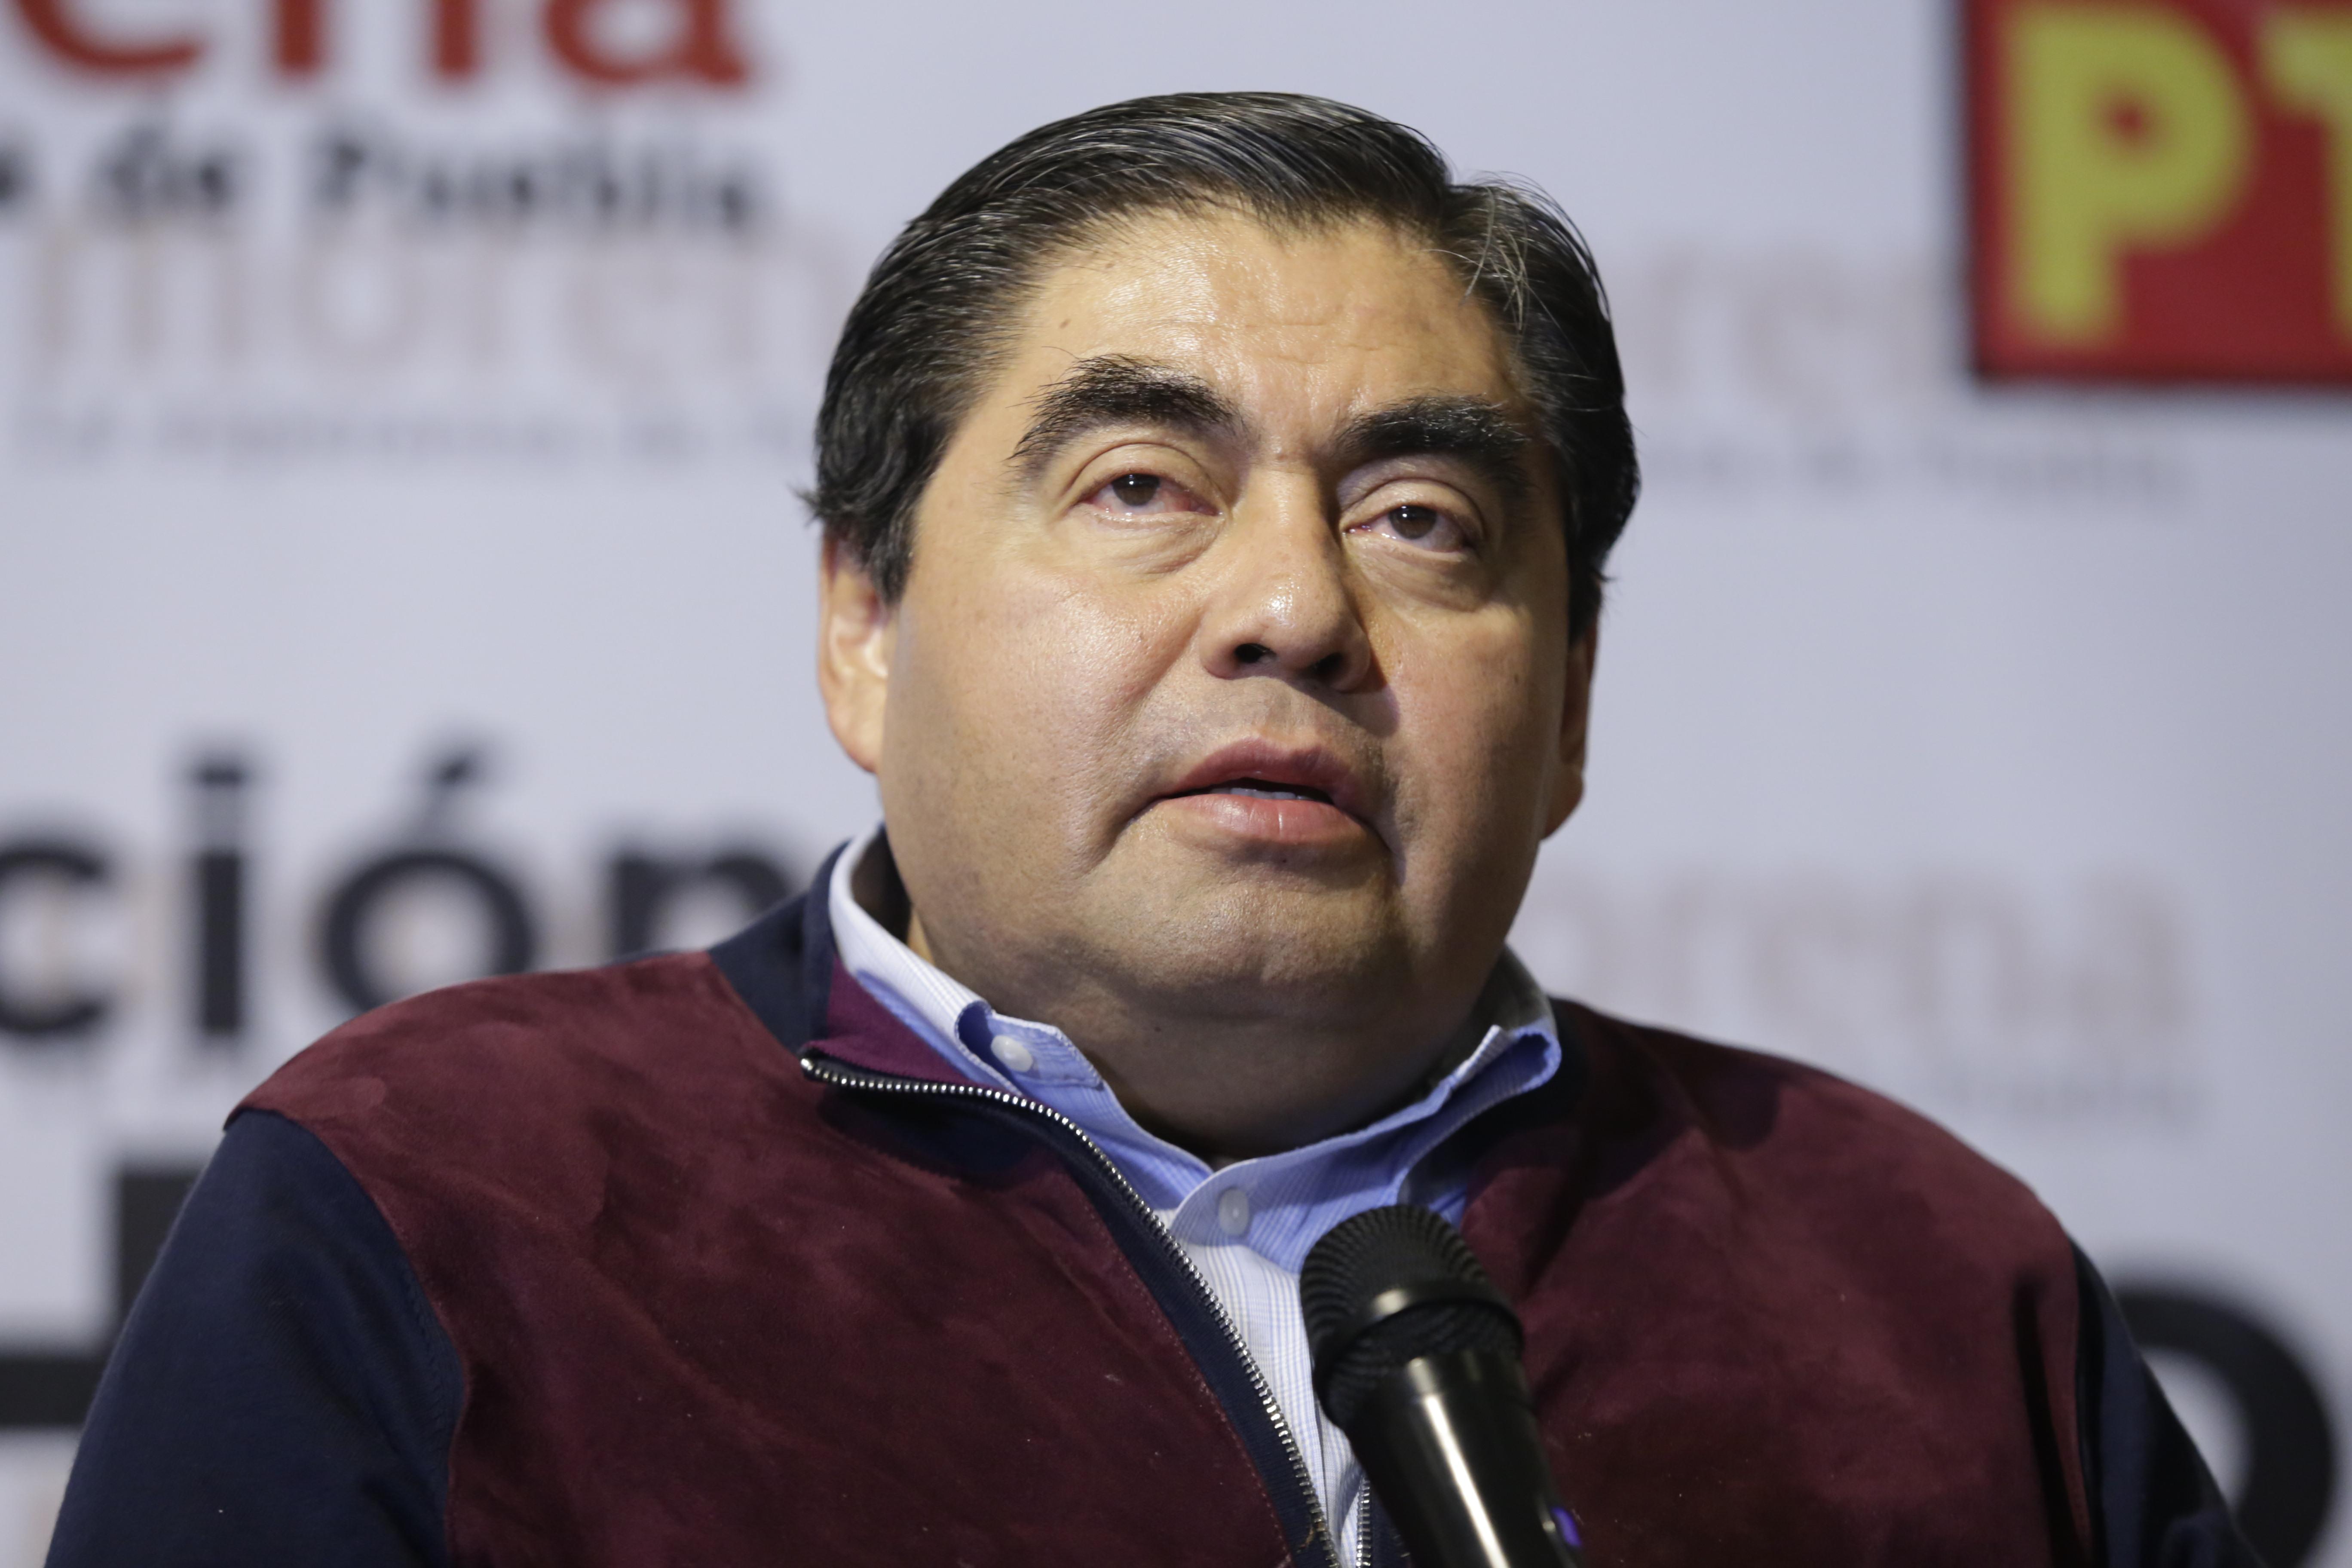 Alianza de Morena no será belicosa y retadora, dice Barbosa